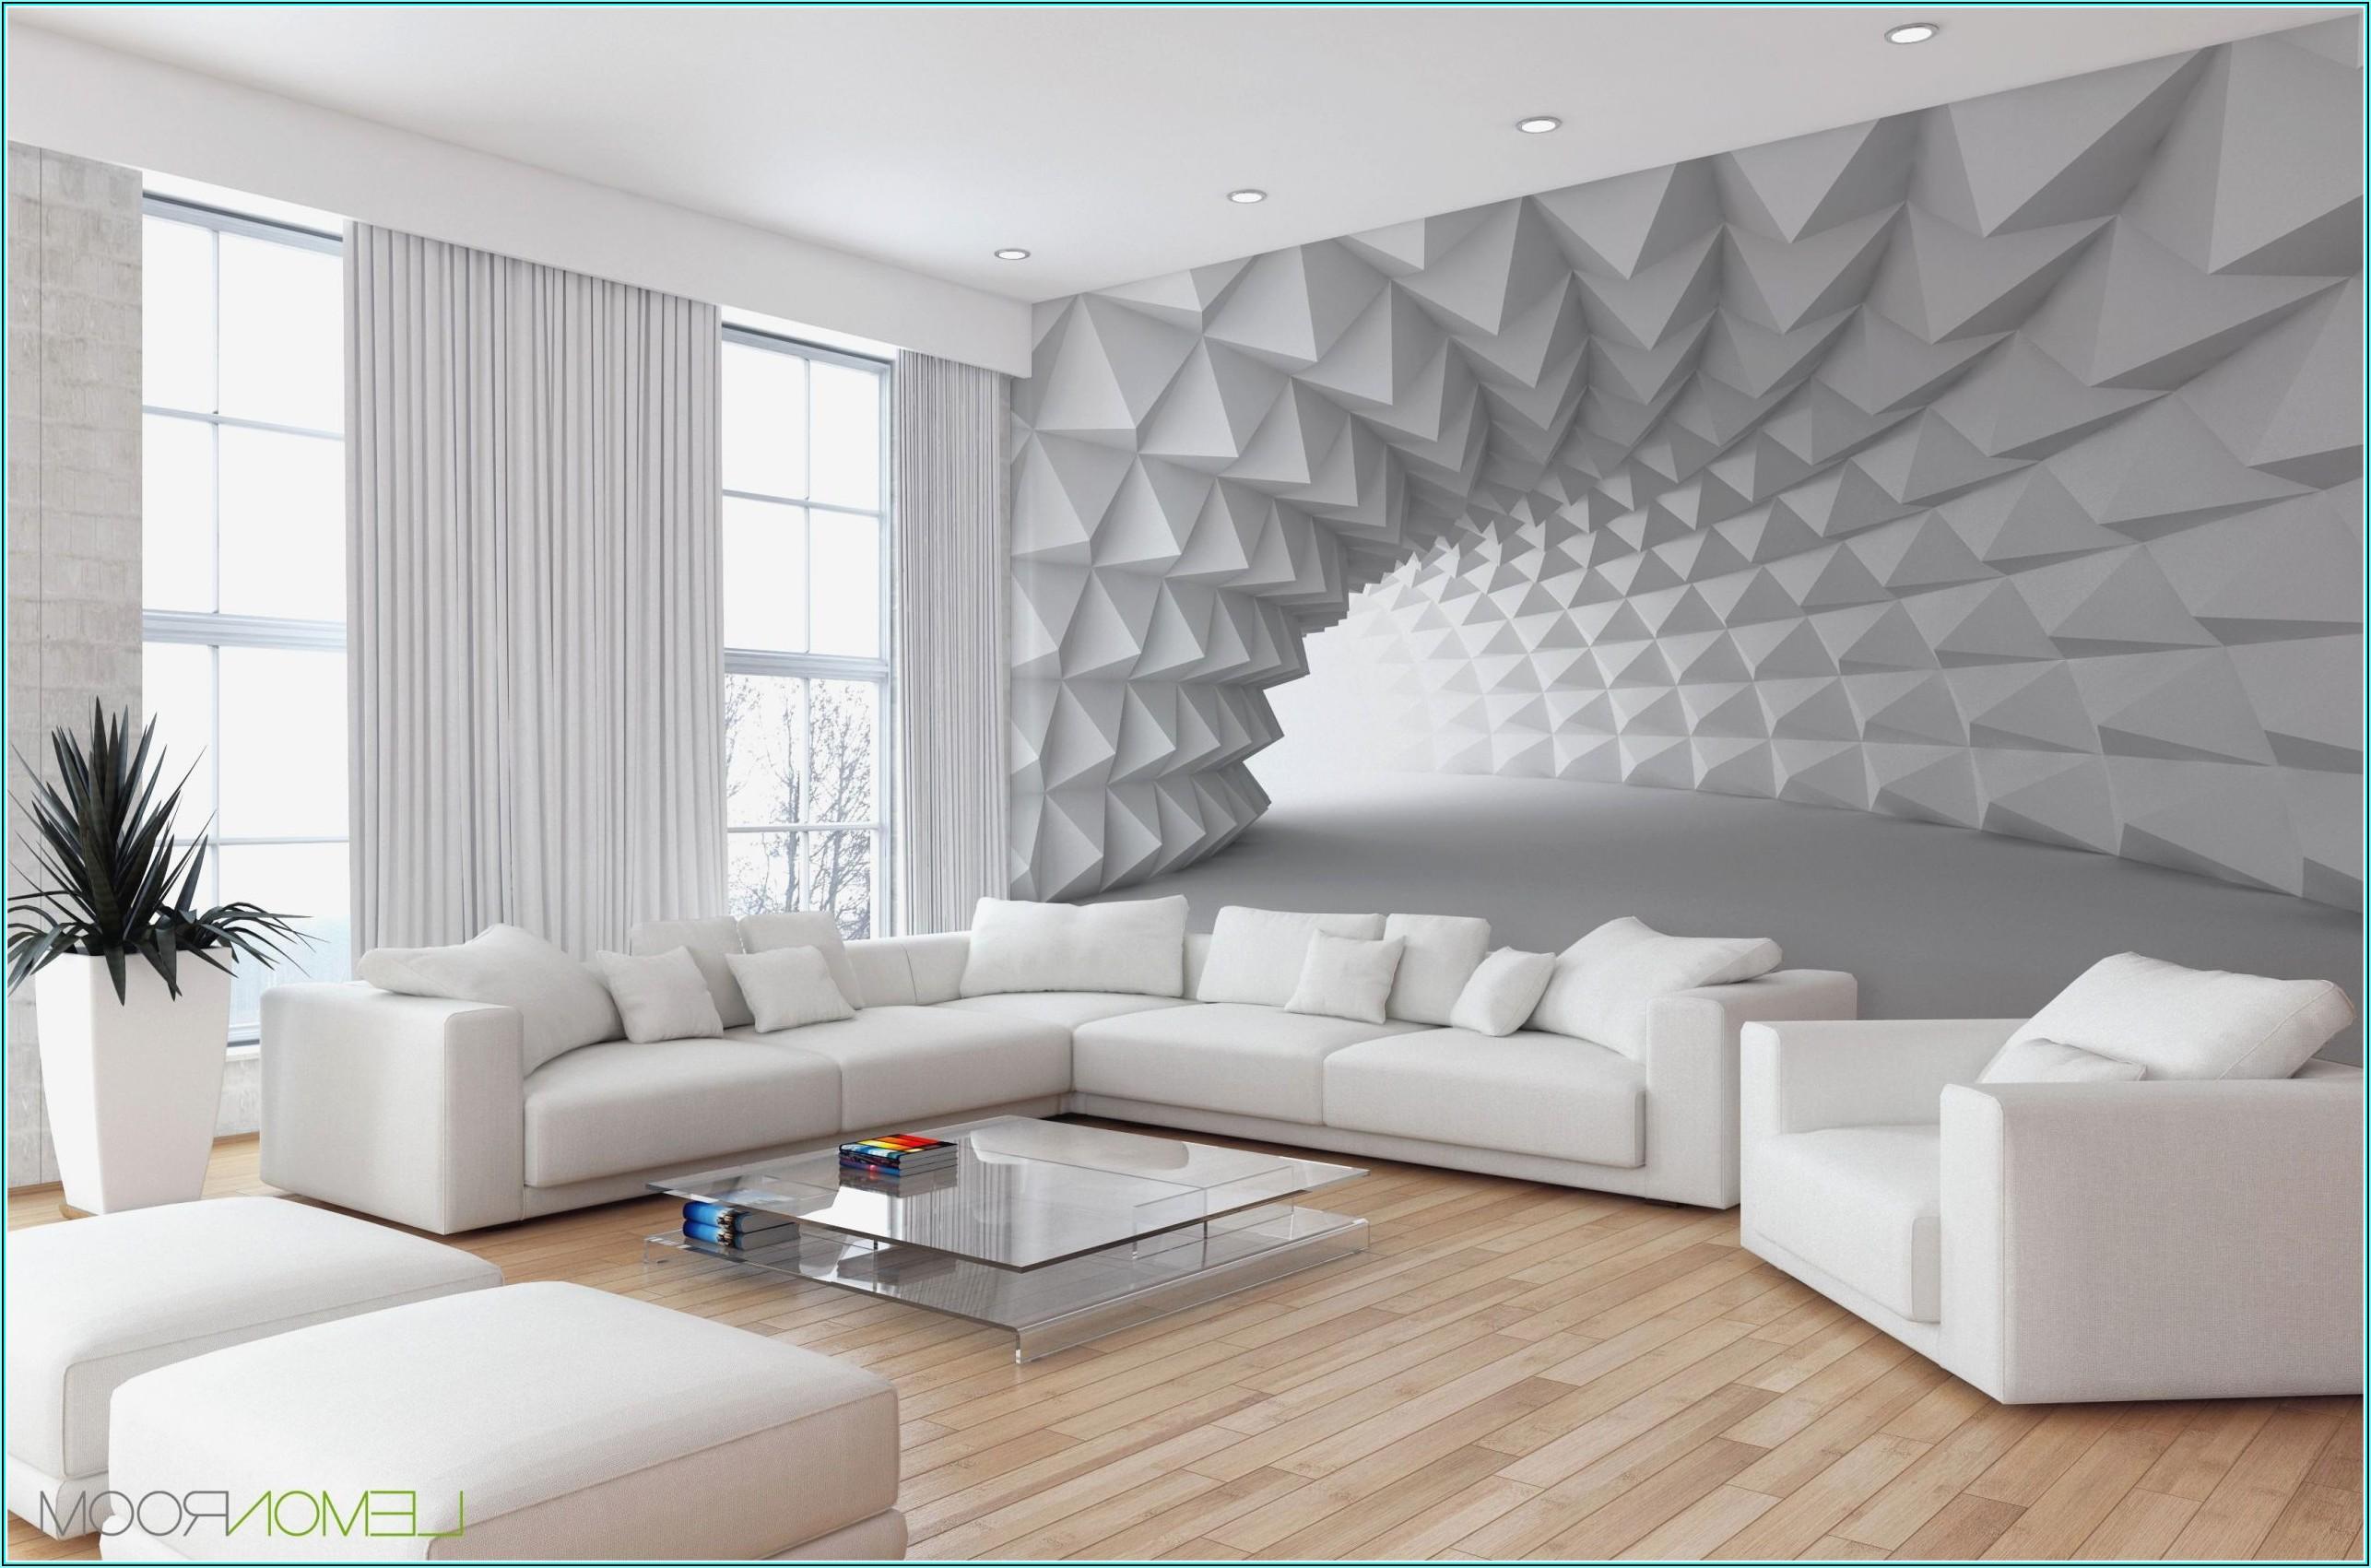 Bilder Tapeten Wohnzimmer